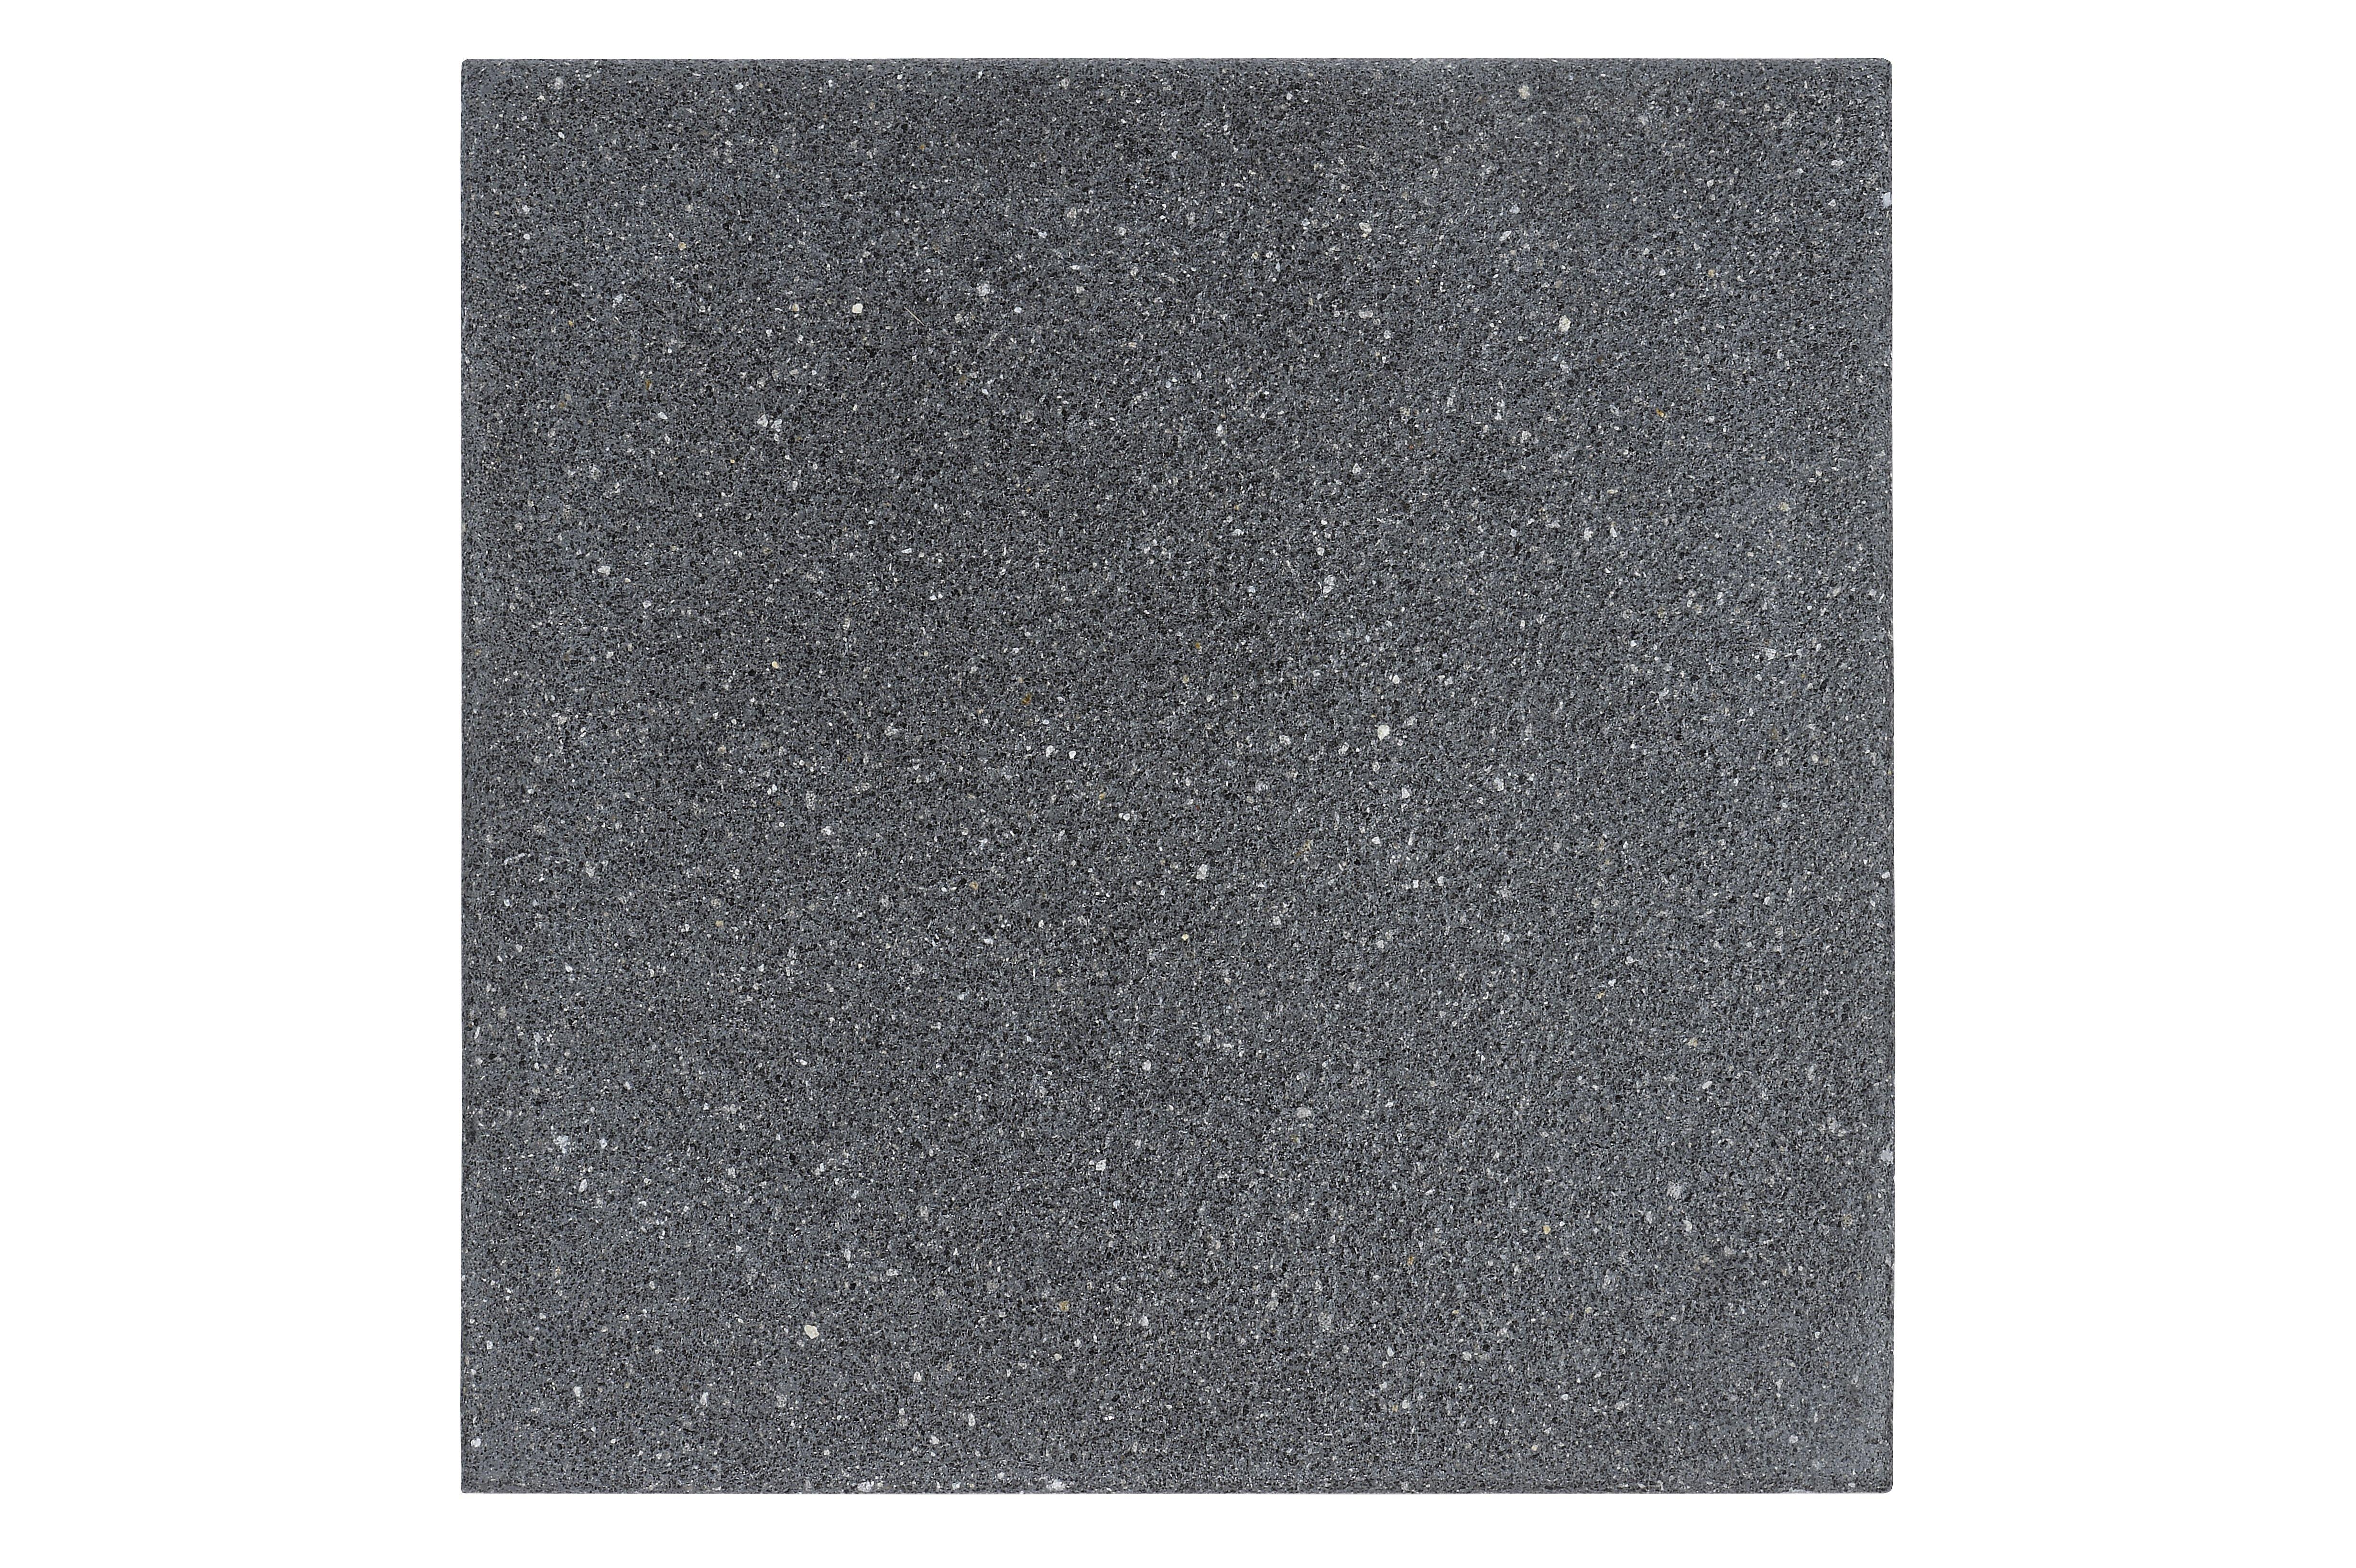 Kemmler Terrassenplatte Xx Mm Anthrazit Wwwkemmlerde - Gehwegplatten anthrazit 60 x 40